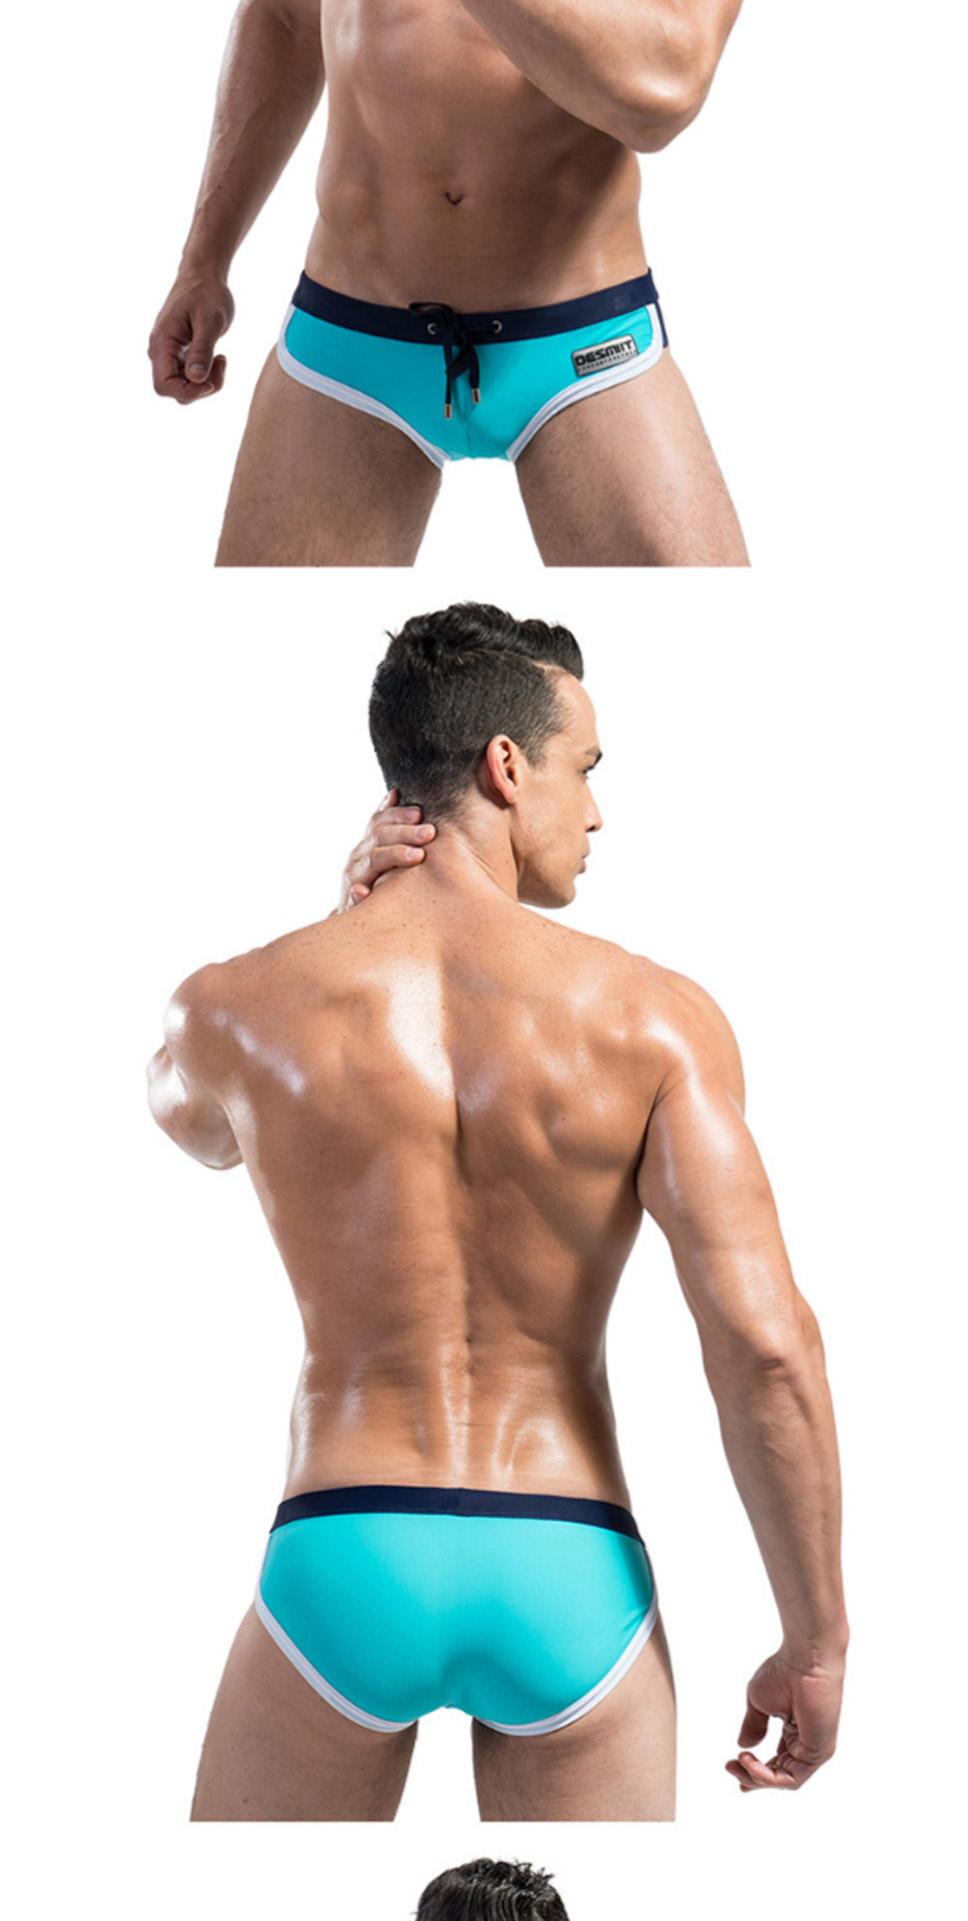 b5b9ed474 DMS03 Homens Troncos Sexy Swimsuit Estilo Respirável Malha Forro ...